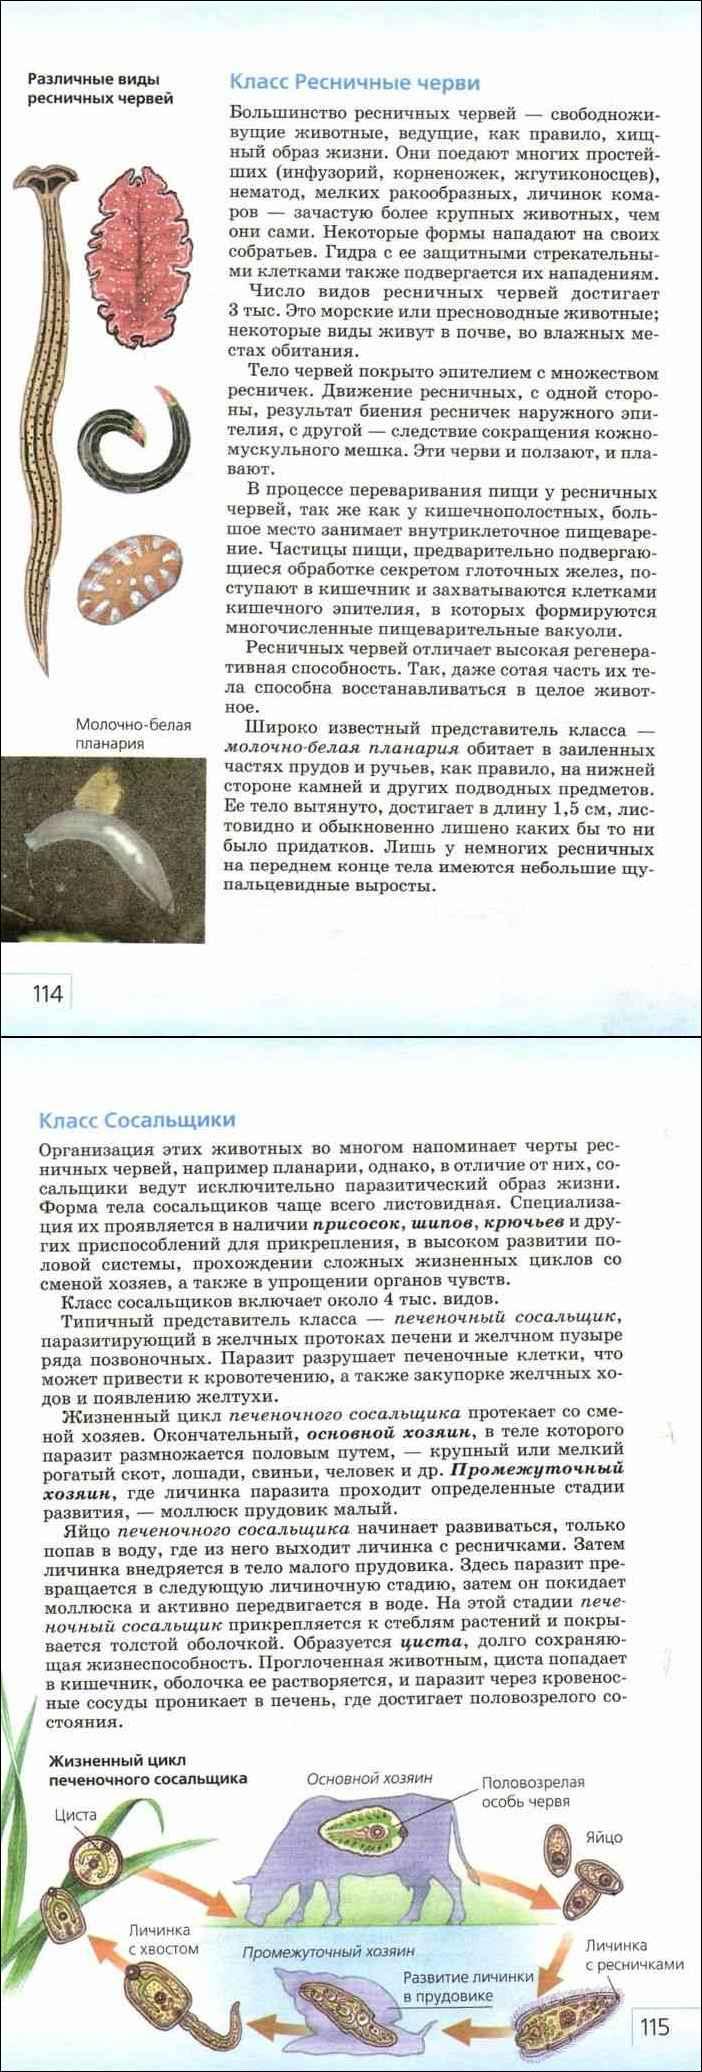 Учебник биология 7 класс захаров сонин читать онлайн бесплатно.